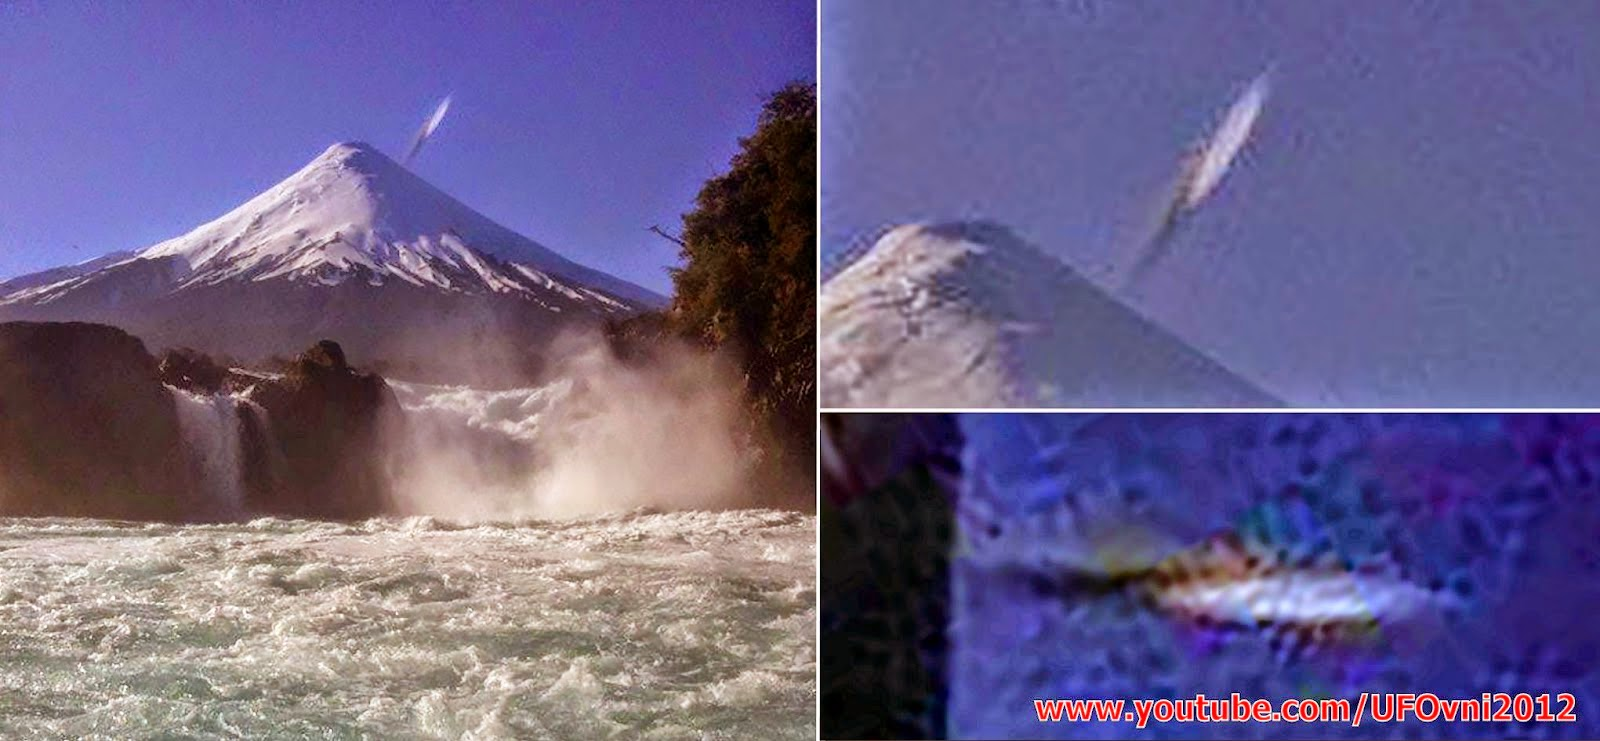 Chili : Cigare-forme semble prendre un piqué du nez directement dans le volcan Osorno, le 28 janvie